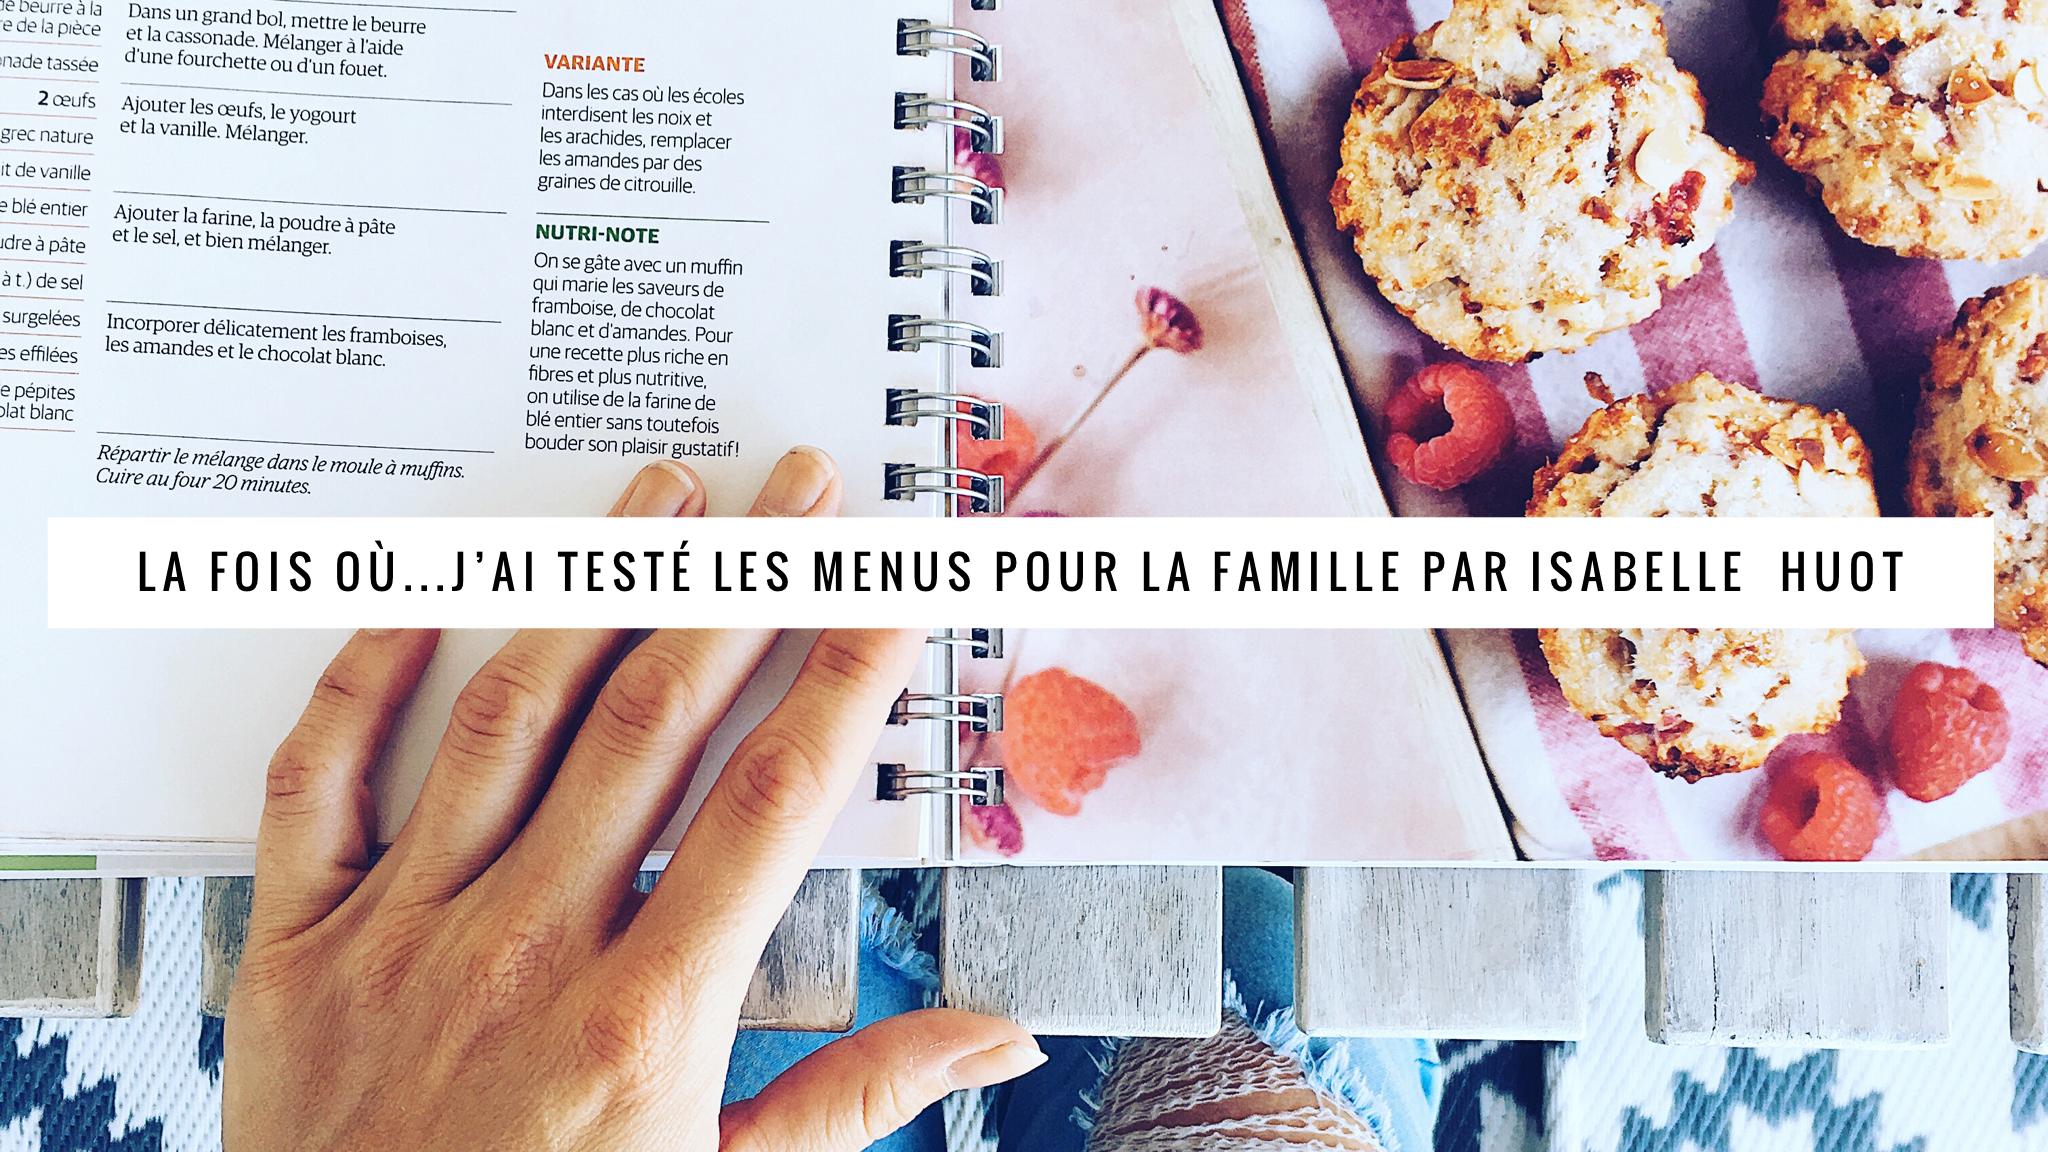 Jennifer a testé les menus familles de Isabelle Huo